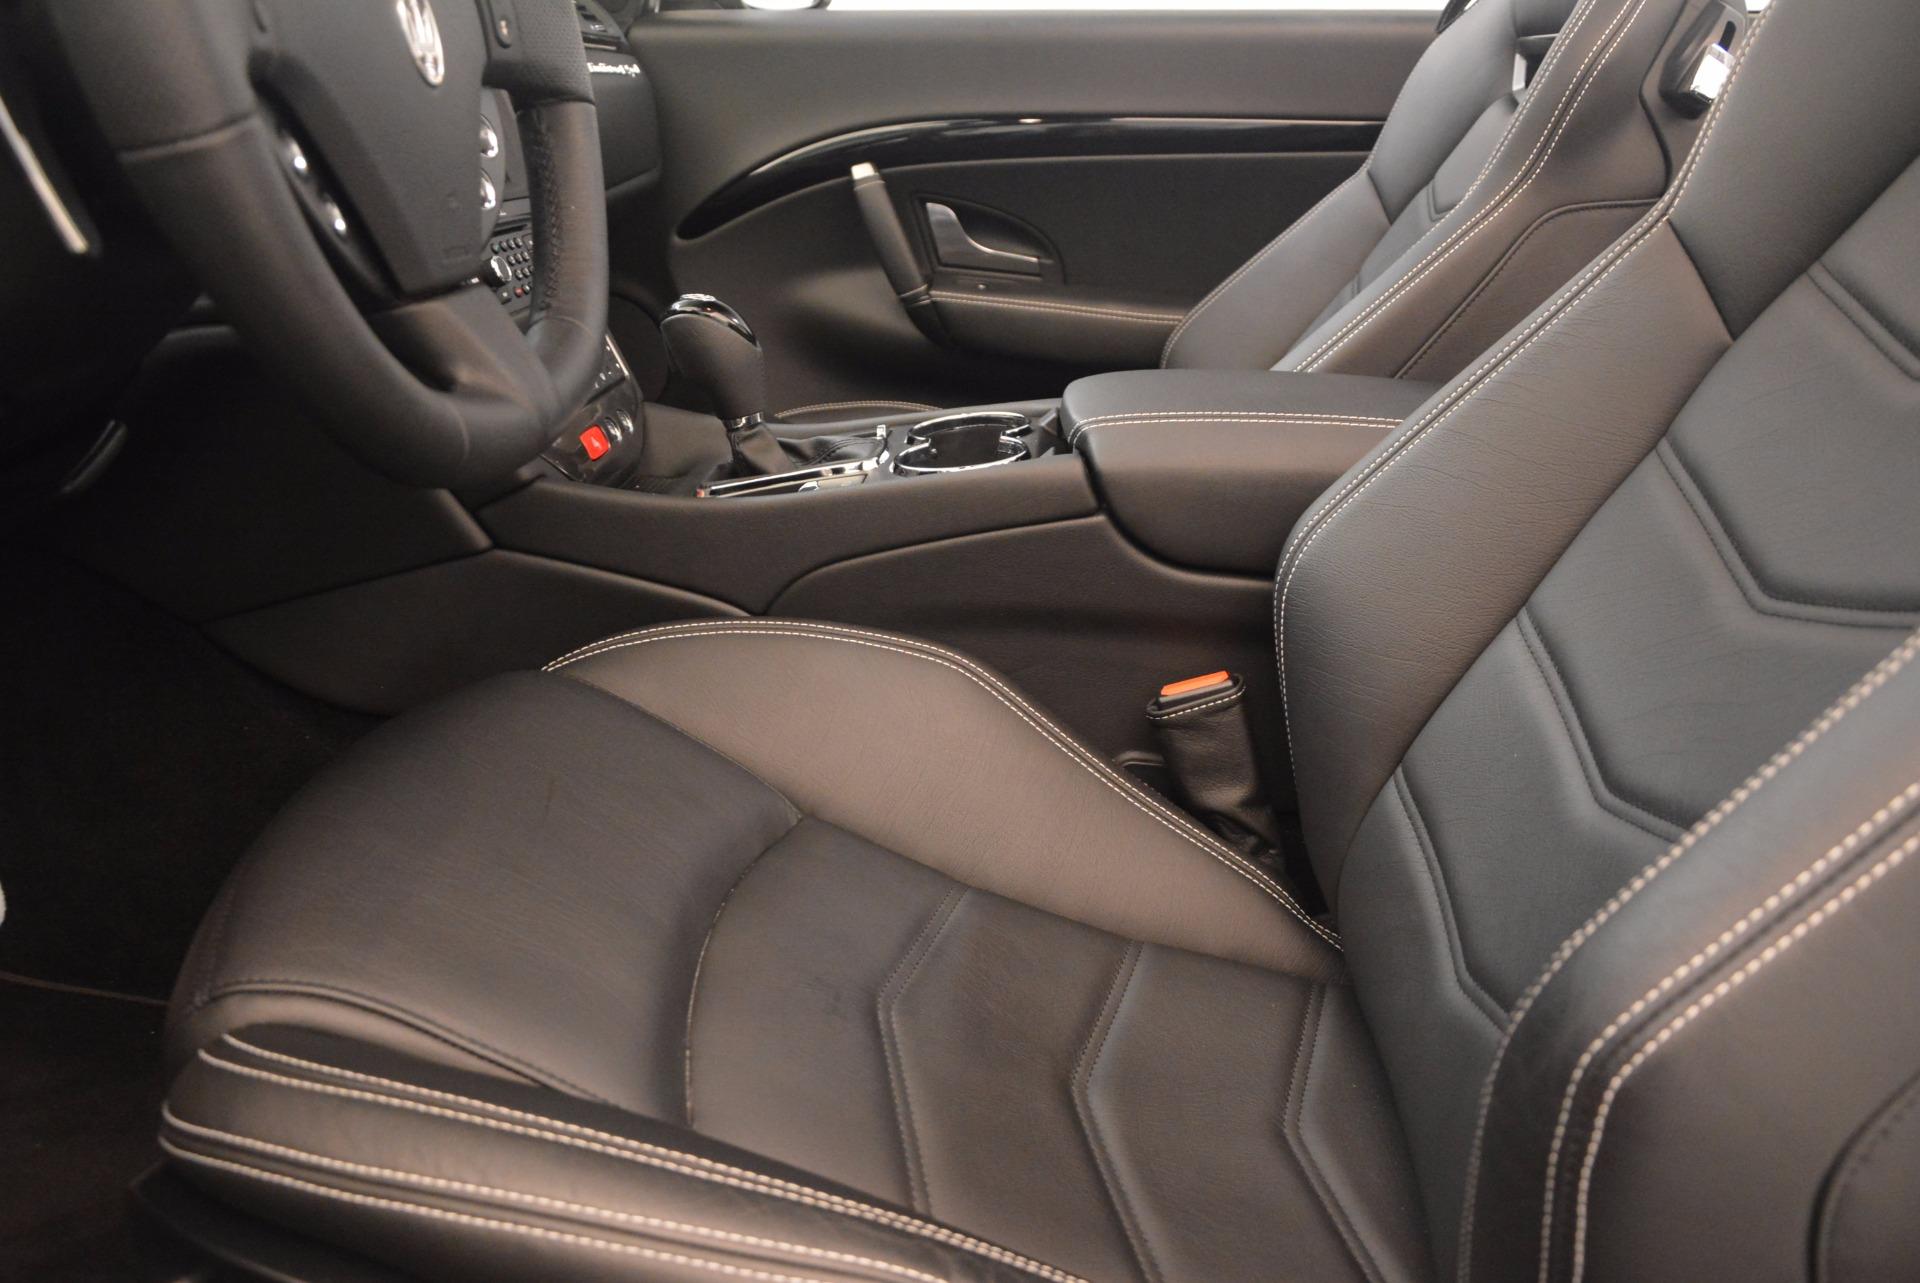 Used 2016 Maserati GranTurismo Sport For Sale In Greenwich, CT 1278_p27